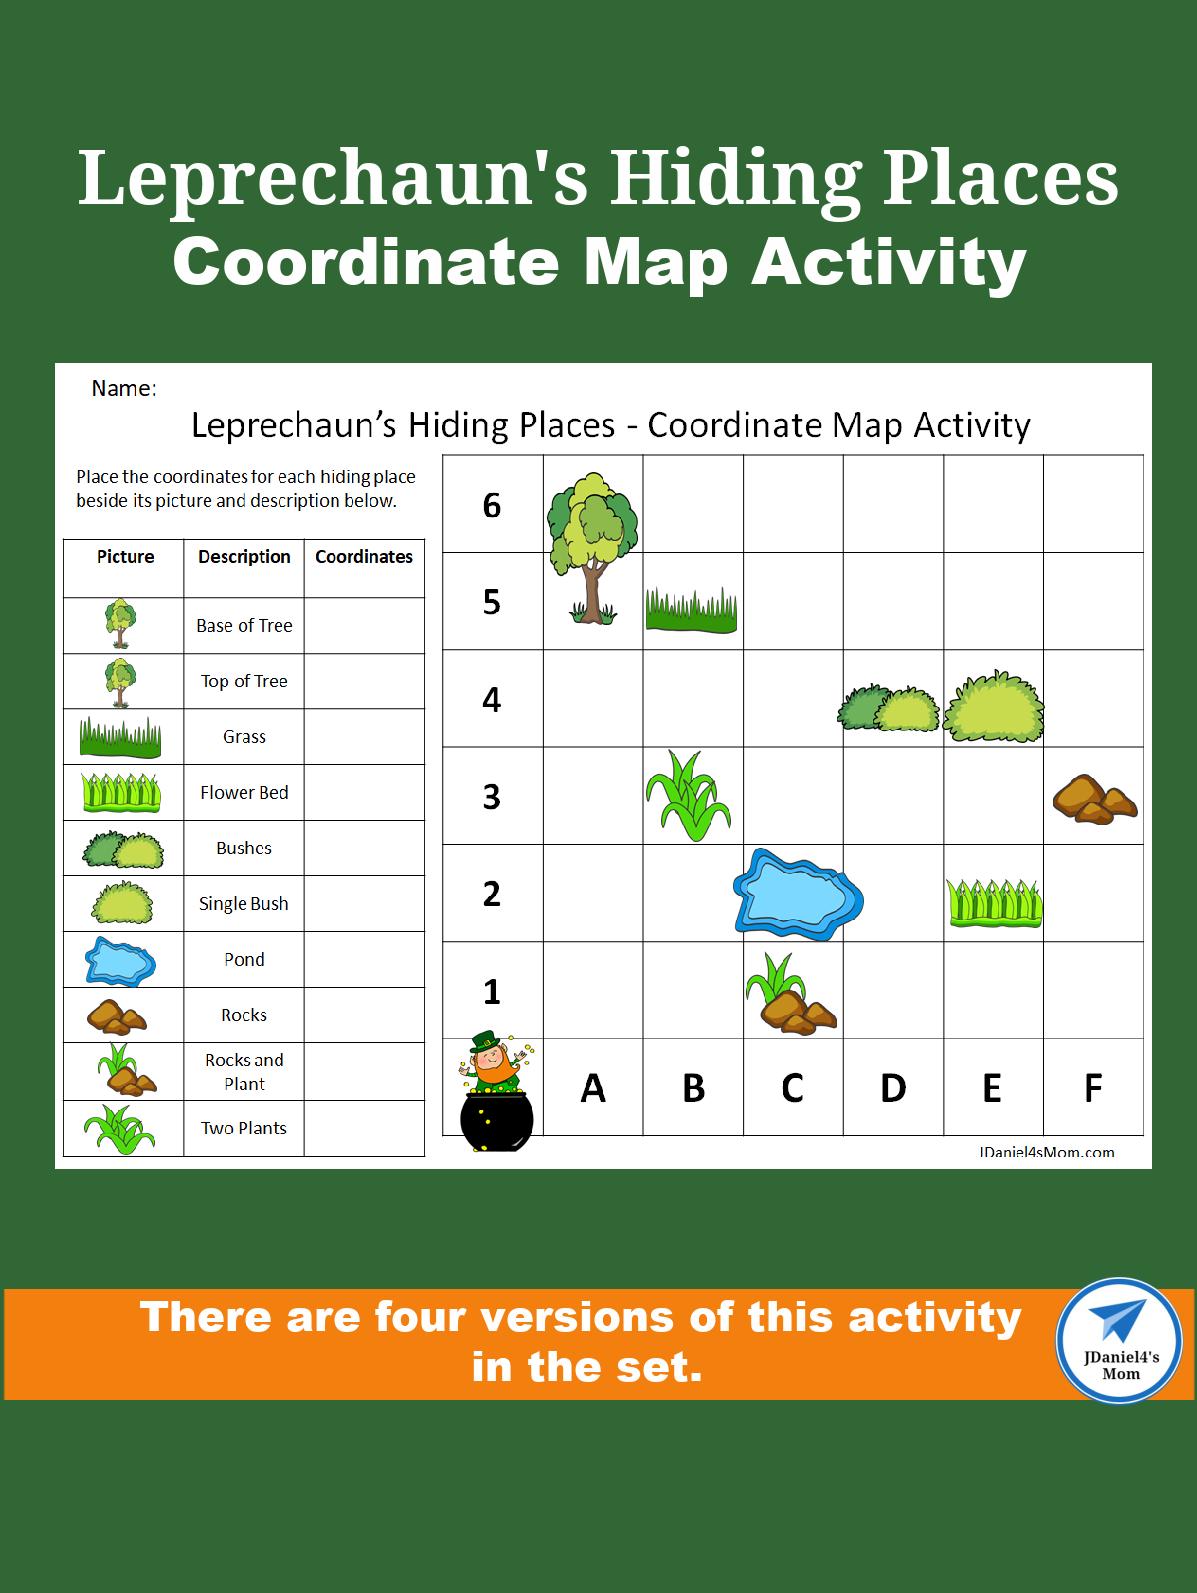 Leprechaun's Hiding Places - Coordinate Map Activity Set